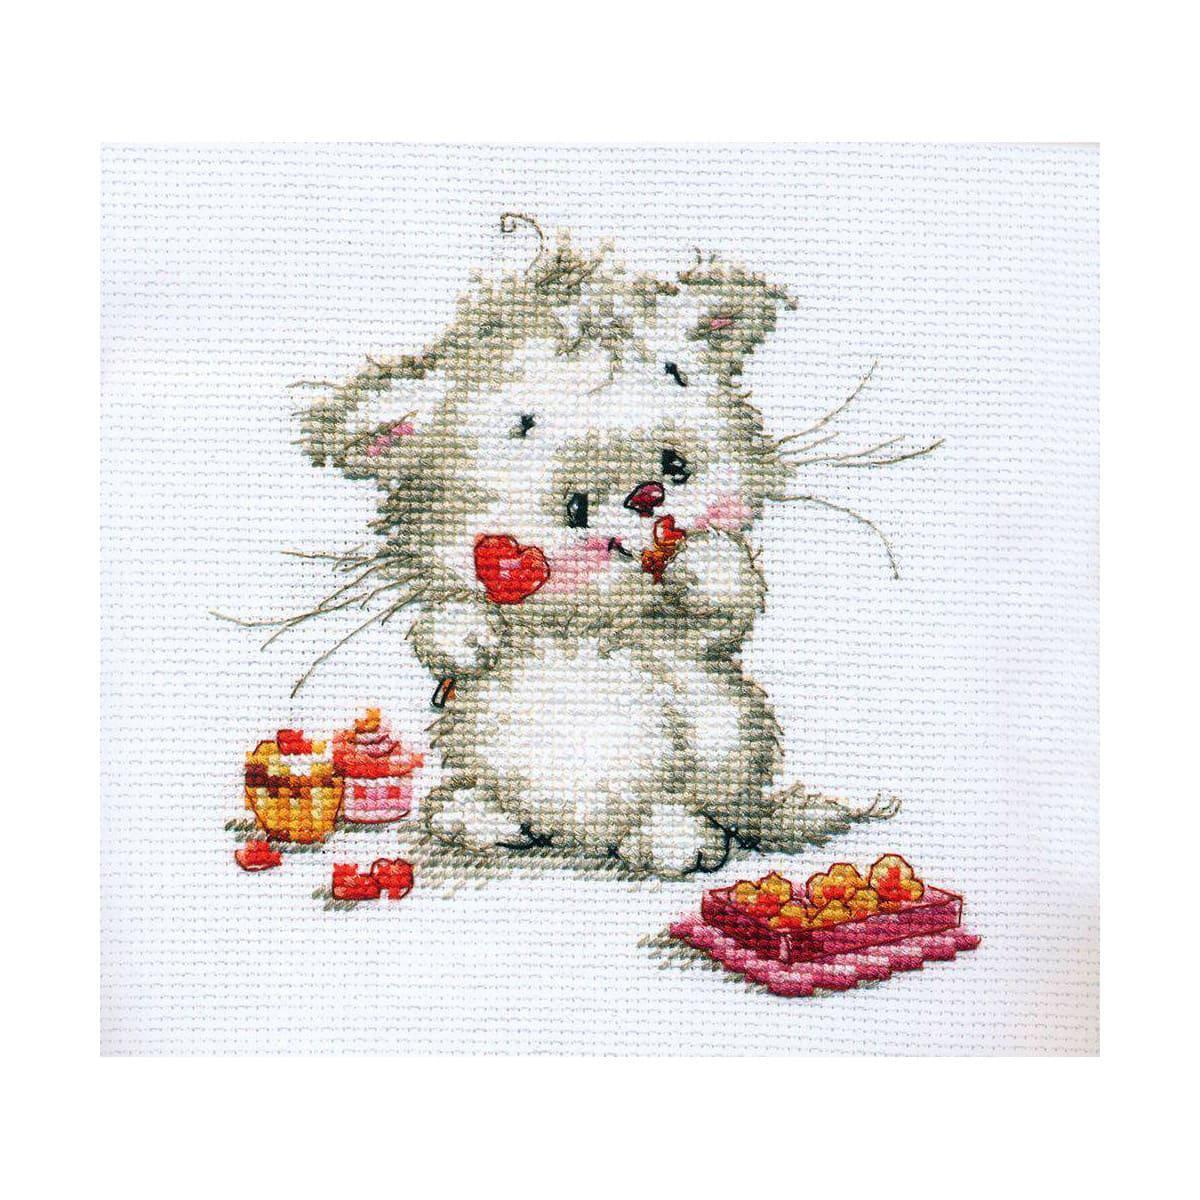 0-123 Набор для вышивания АЛИСА 'Сладкая конфетка' 13*13см